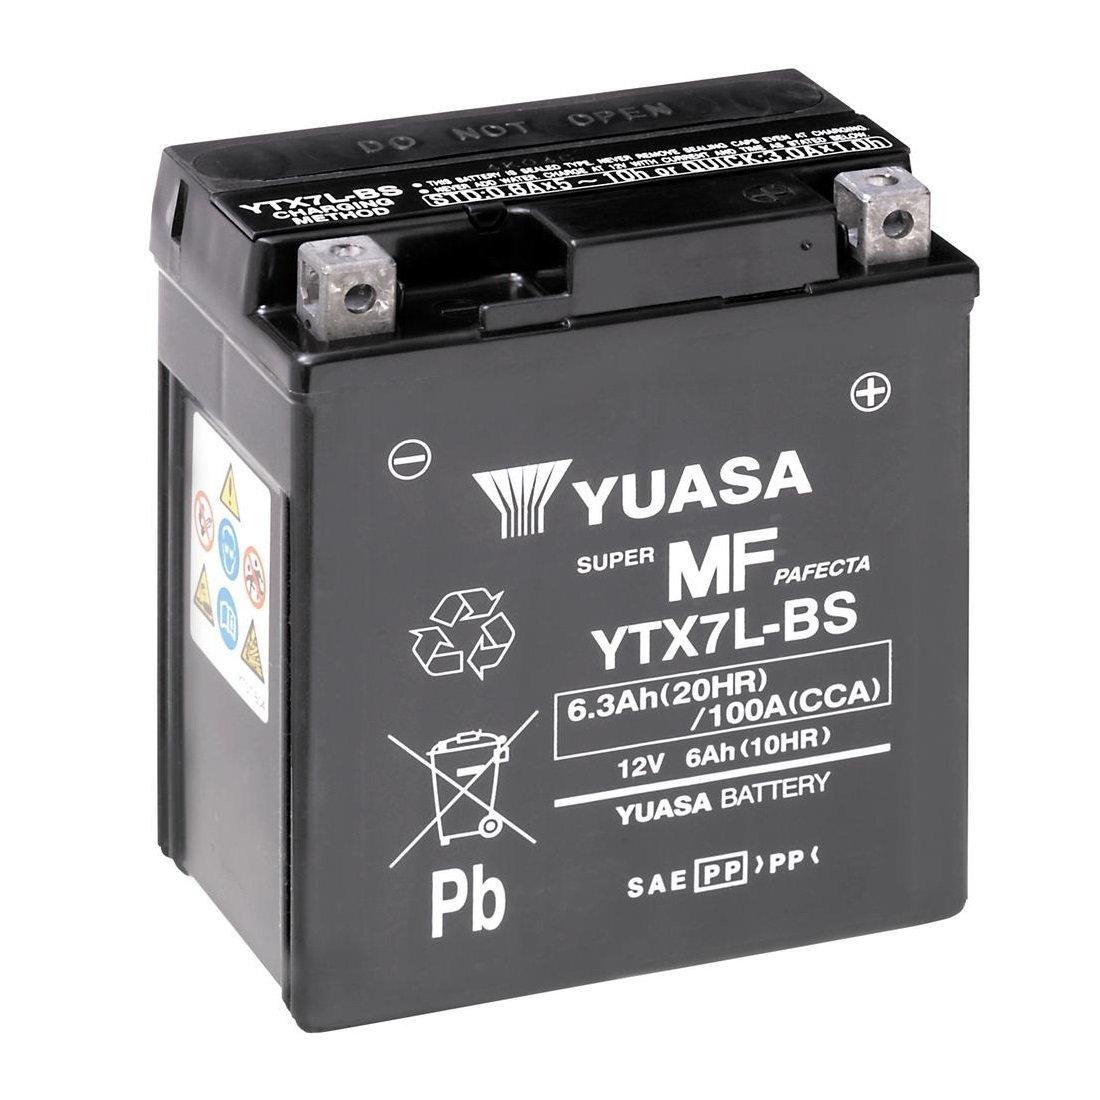 Yuasa / Toplite YTX7L-BS